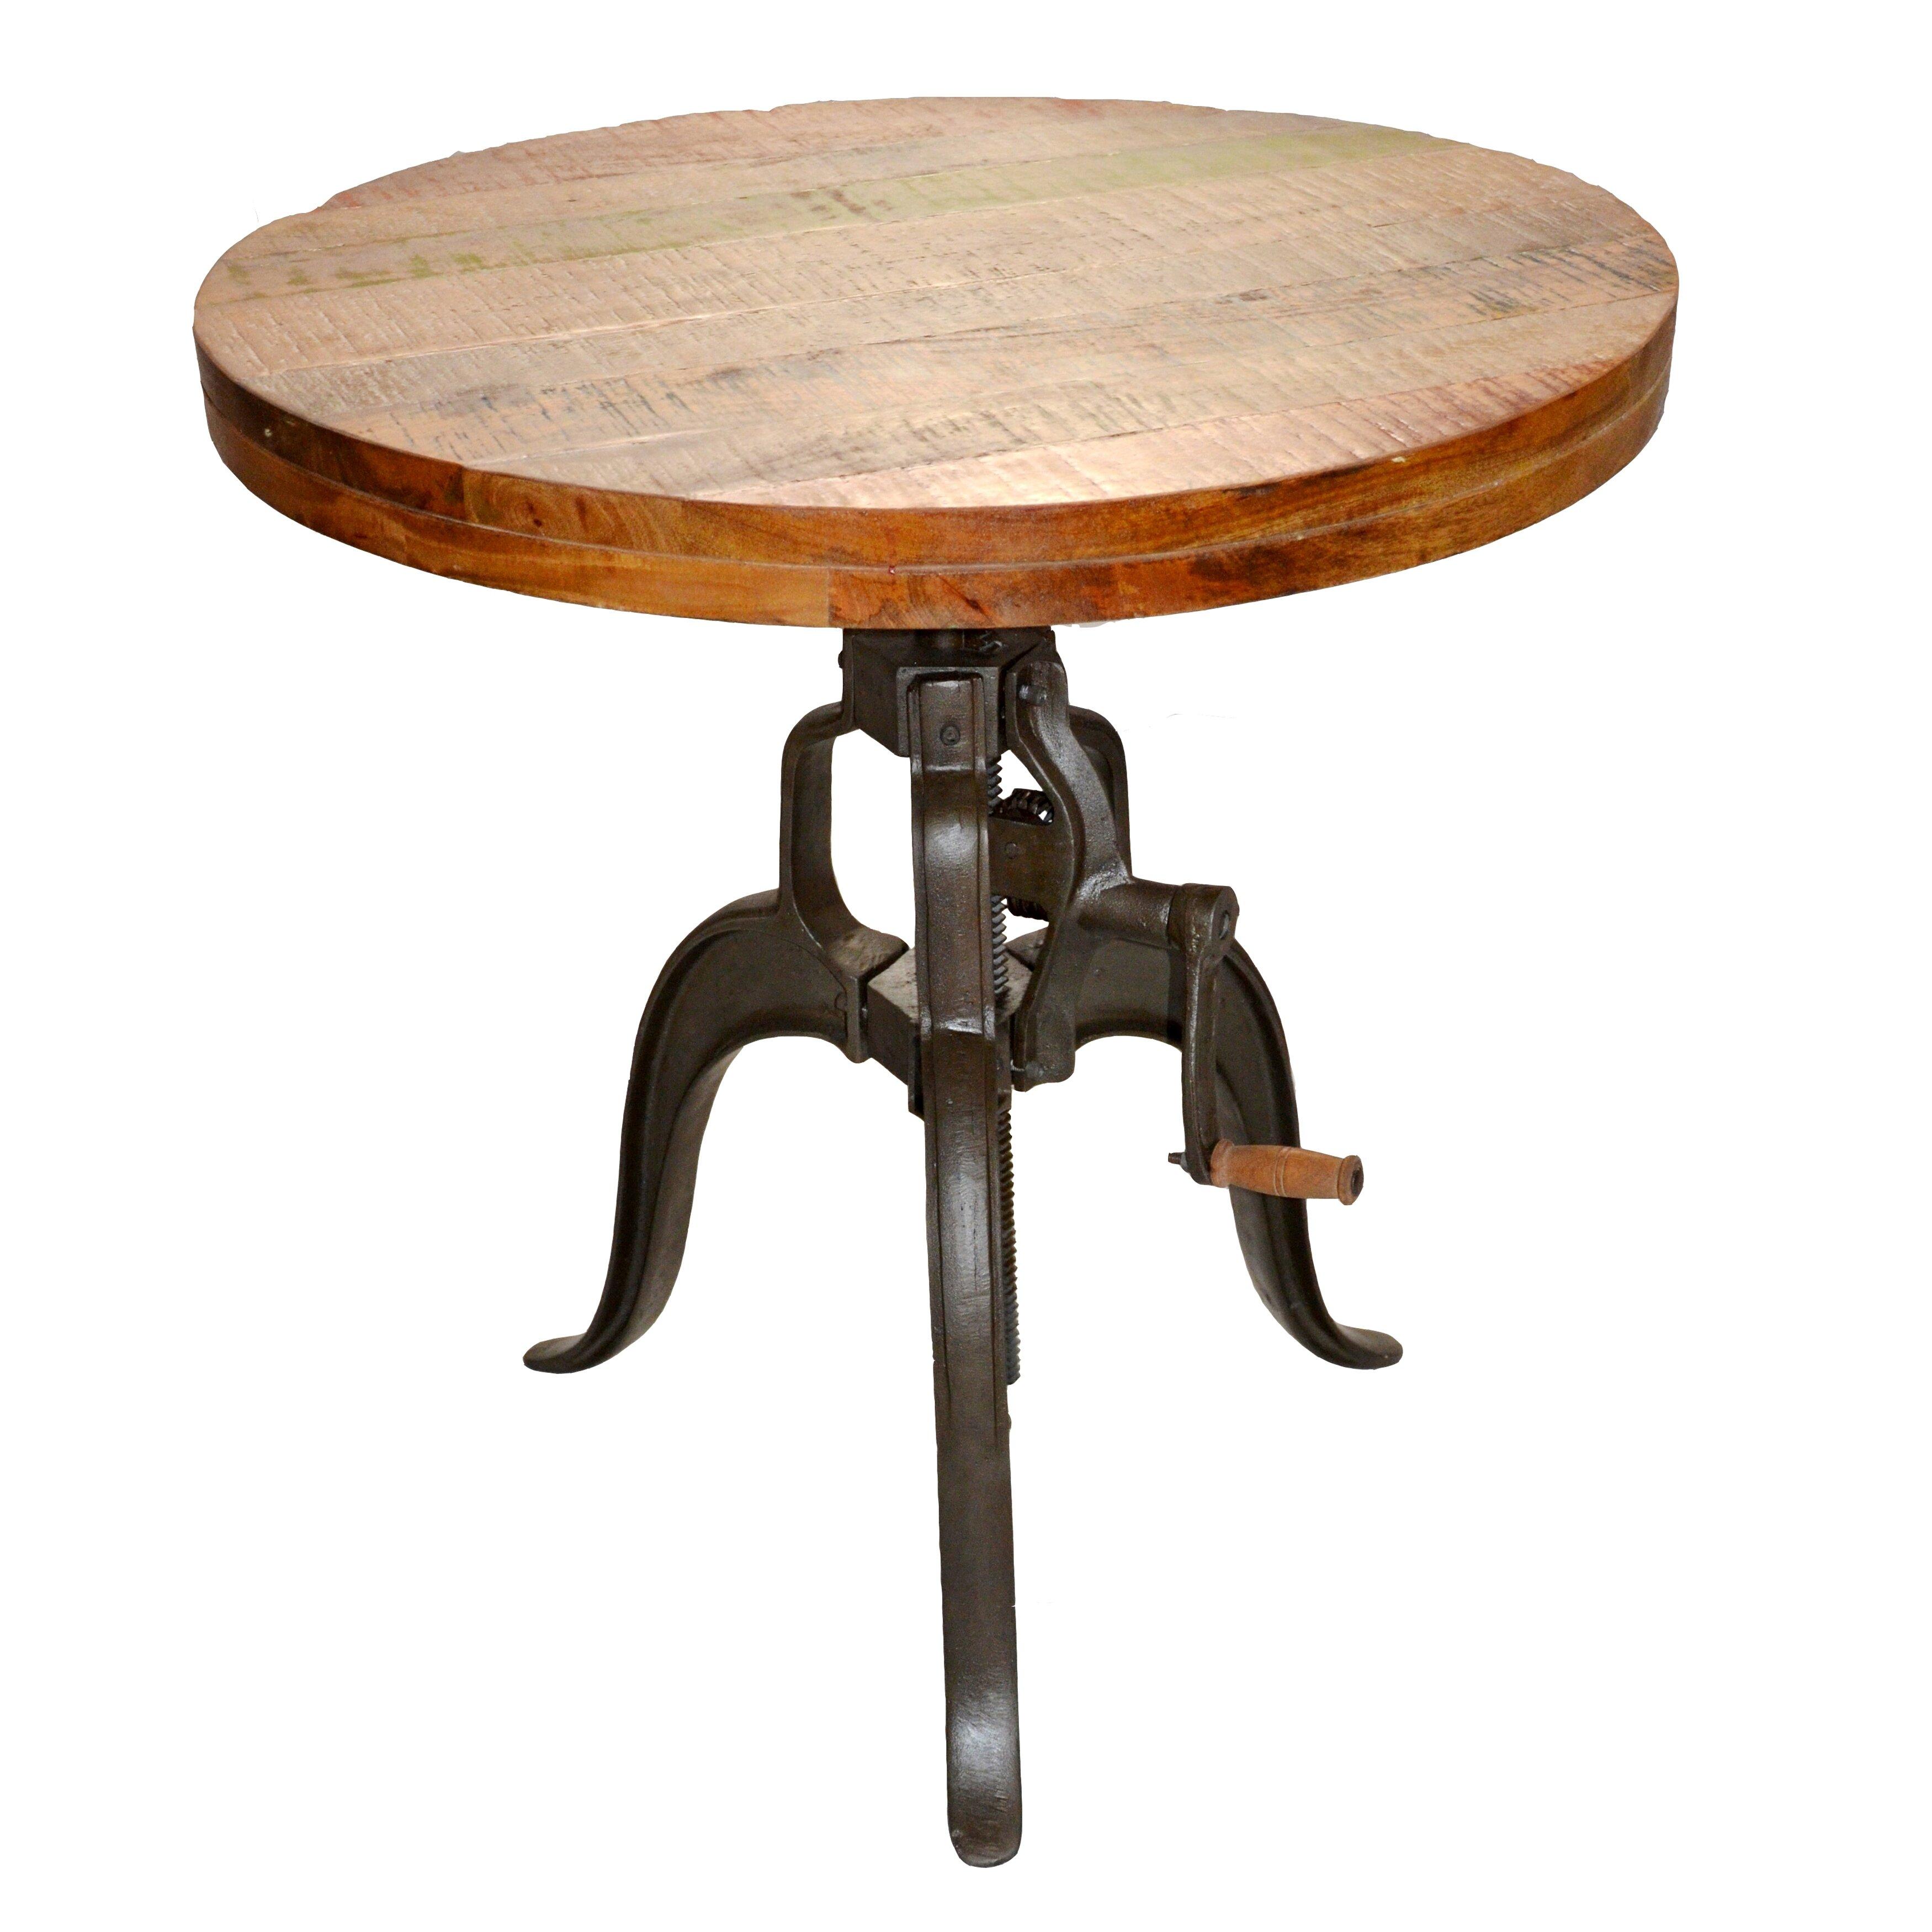 Eleanor Adjustable Height Pub Table Wayfair : Eleanor Adjustable Height Pub Table DT52724 from www.wayfair.com size 3500 x 3500 jpeg 955kB